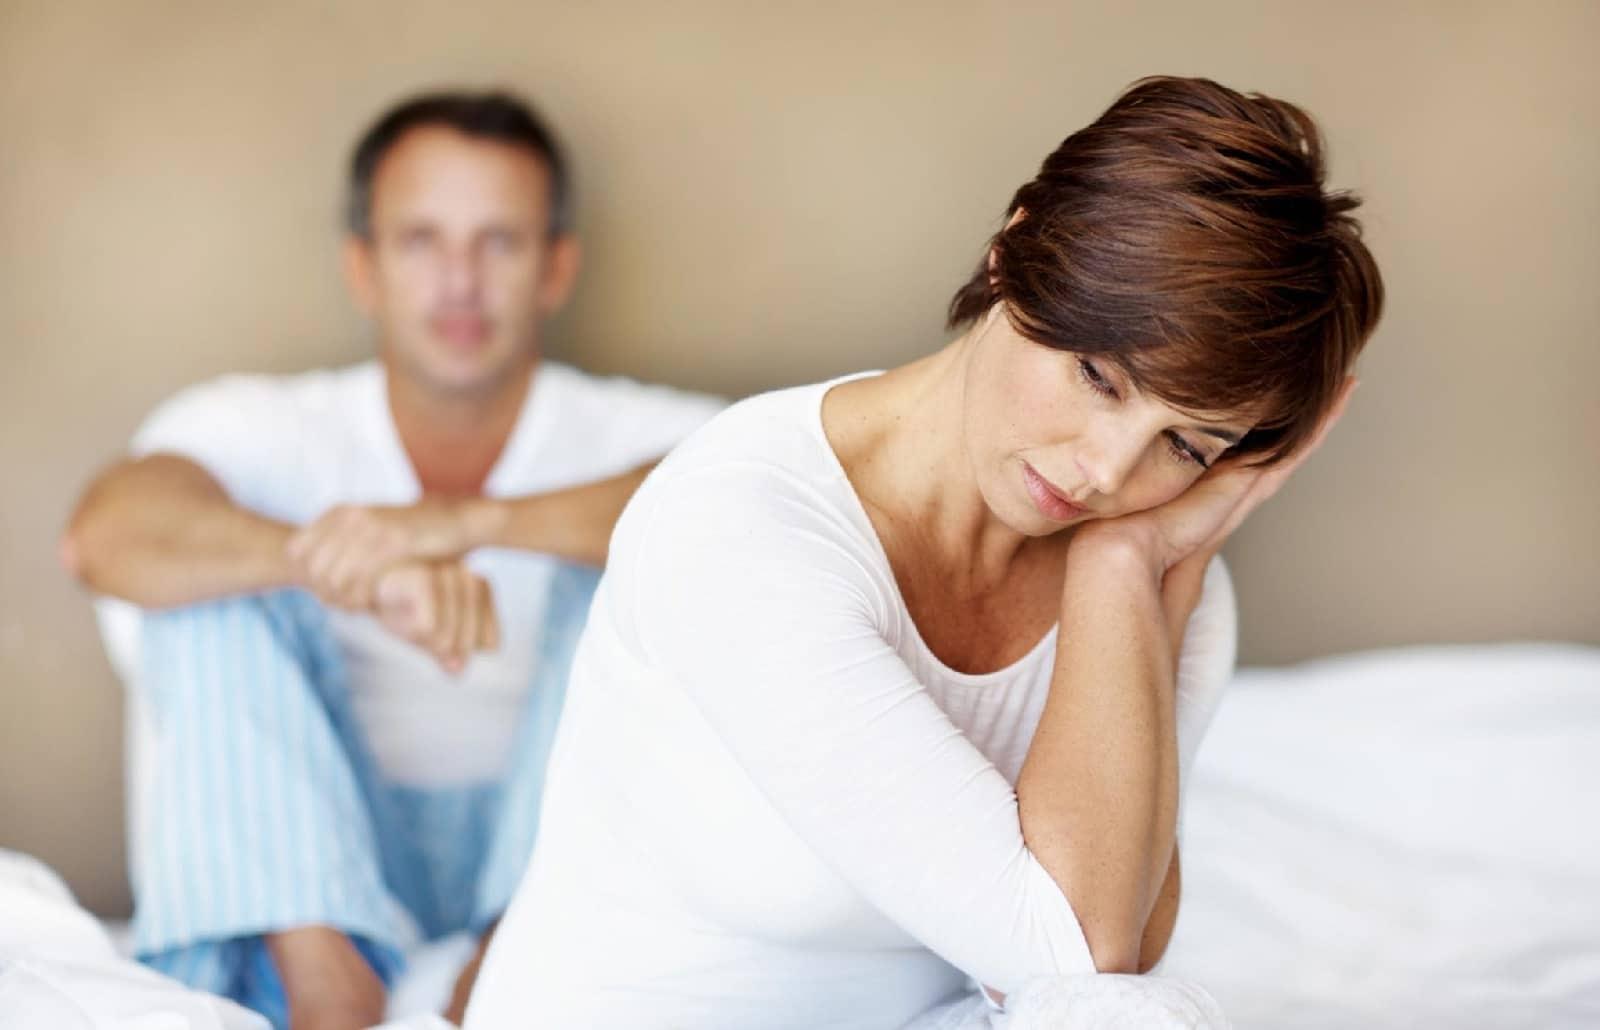 Преждевременное прекращение функции яичников (ранняя менопауза) — причины, симптомы и методы лечения